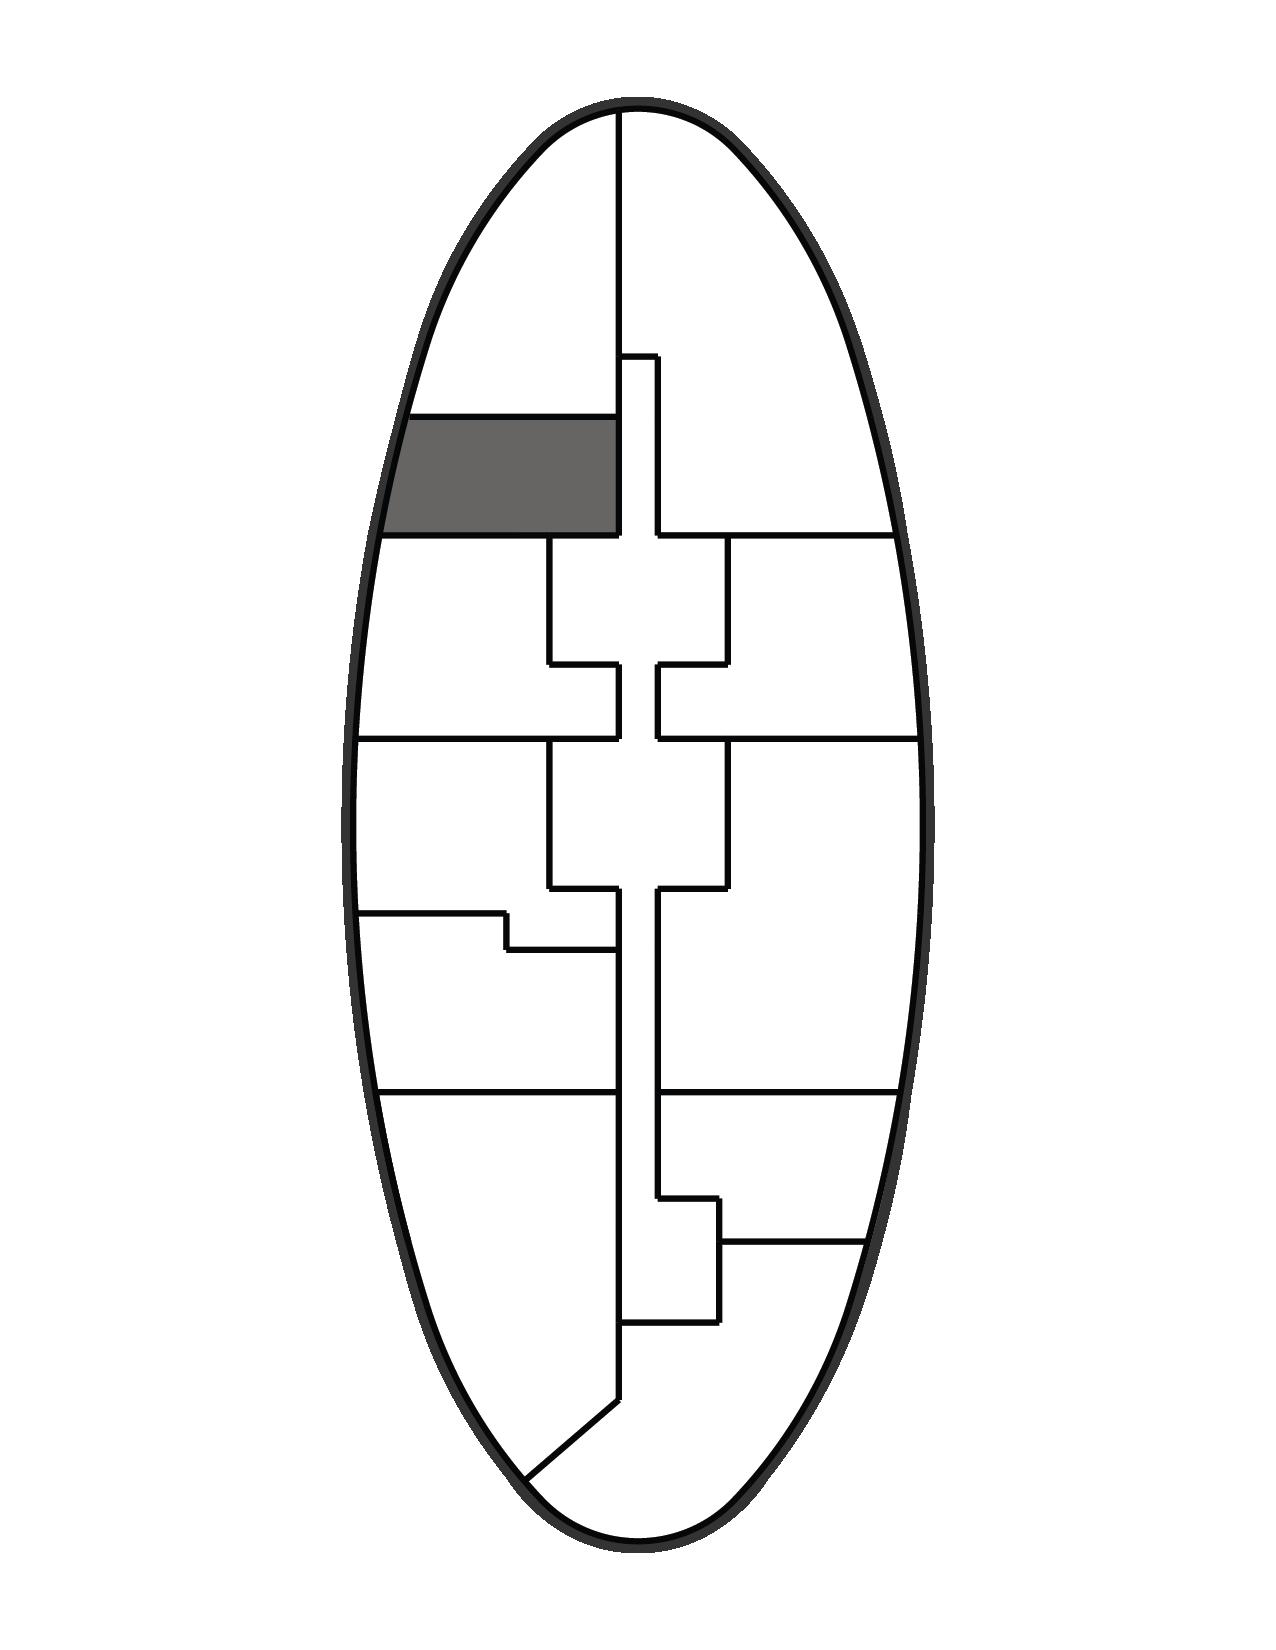 key plan image of residence 4103